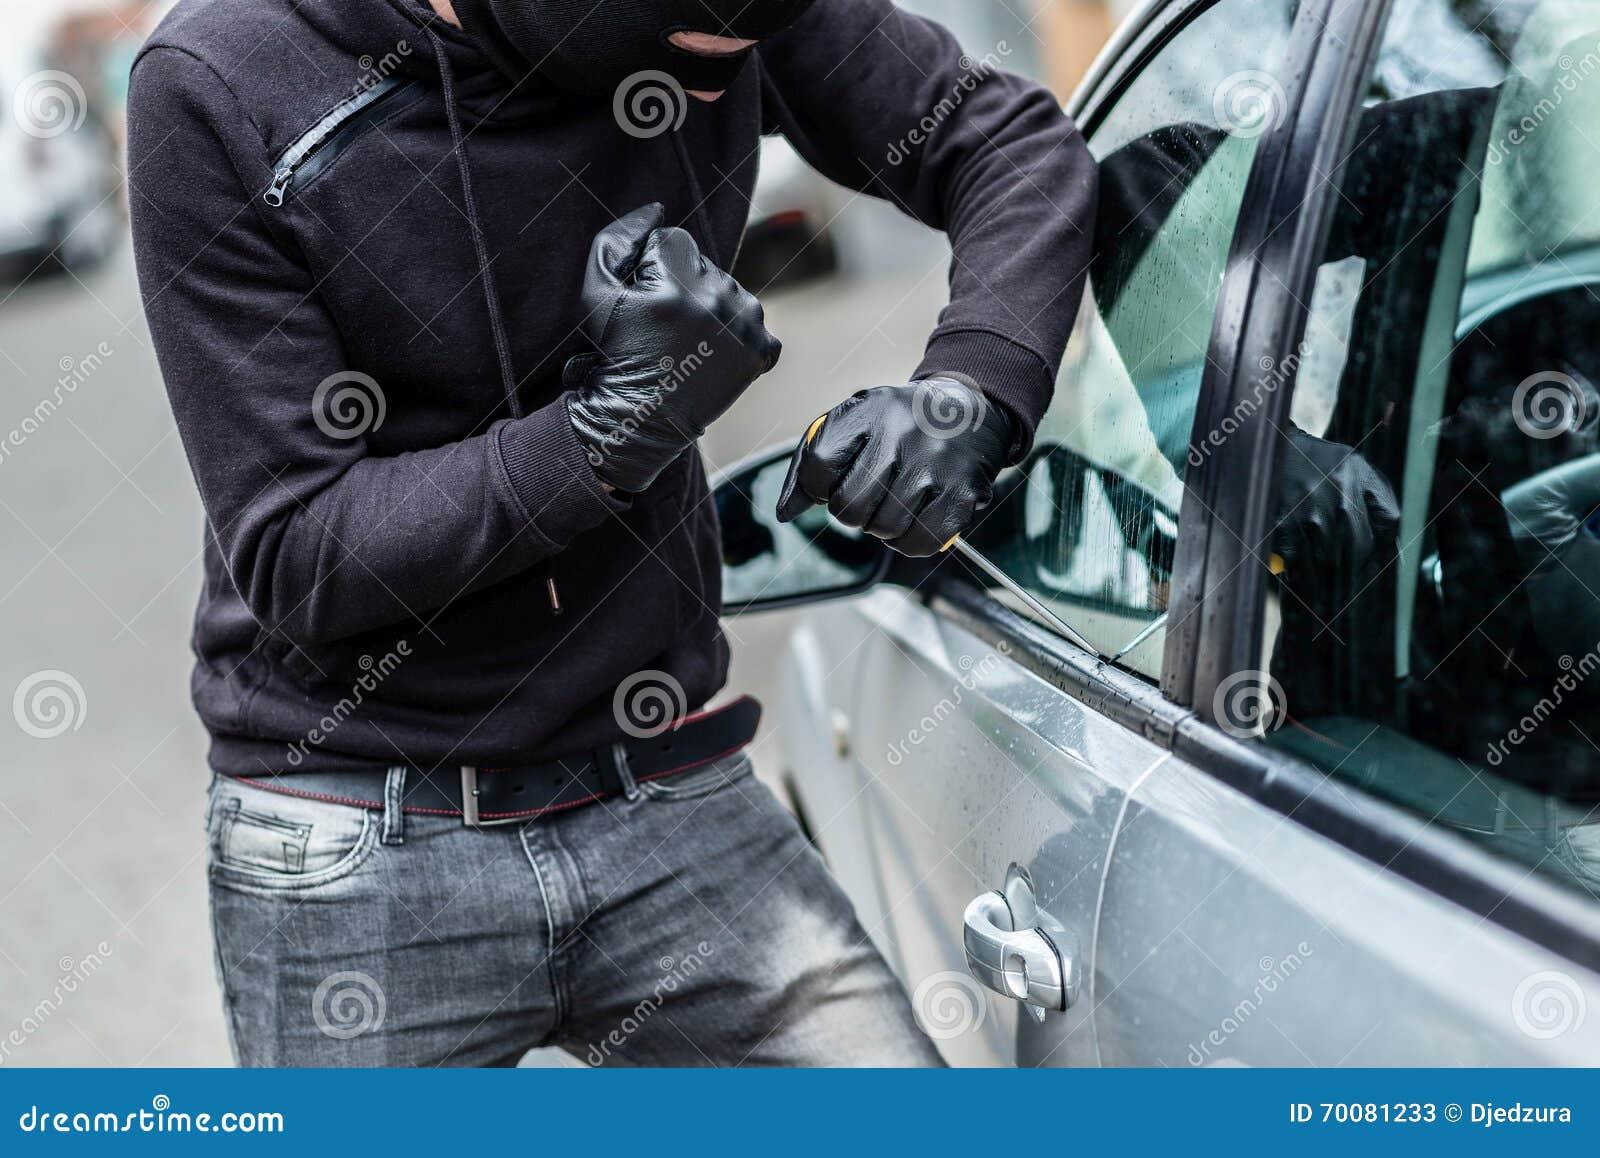 Samochodowy złodziej, samochodowa kradzież